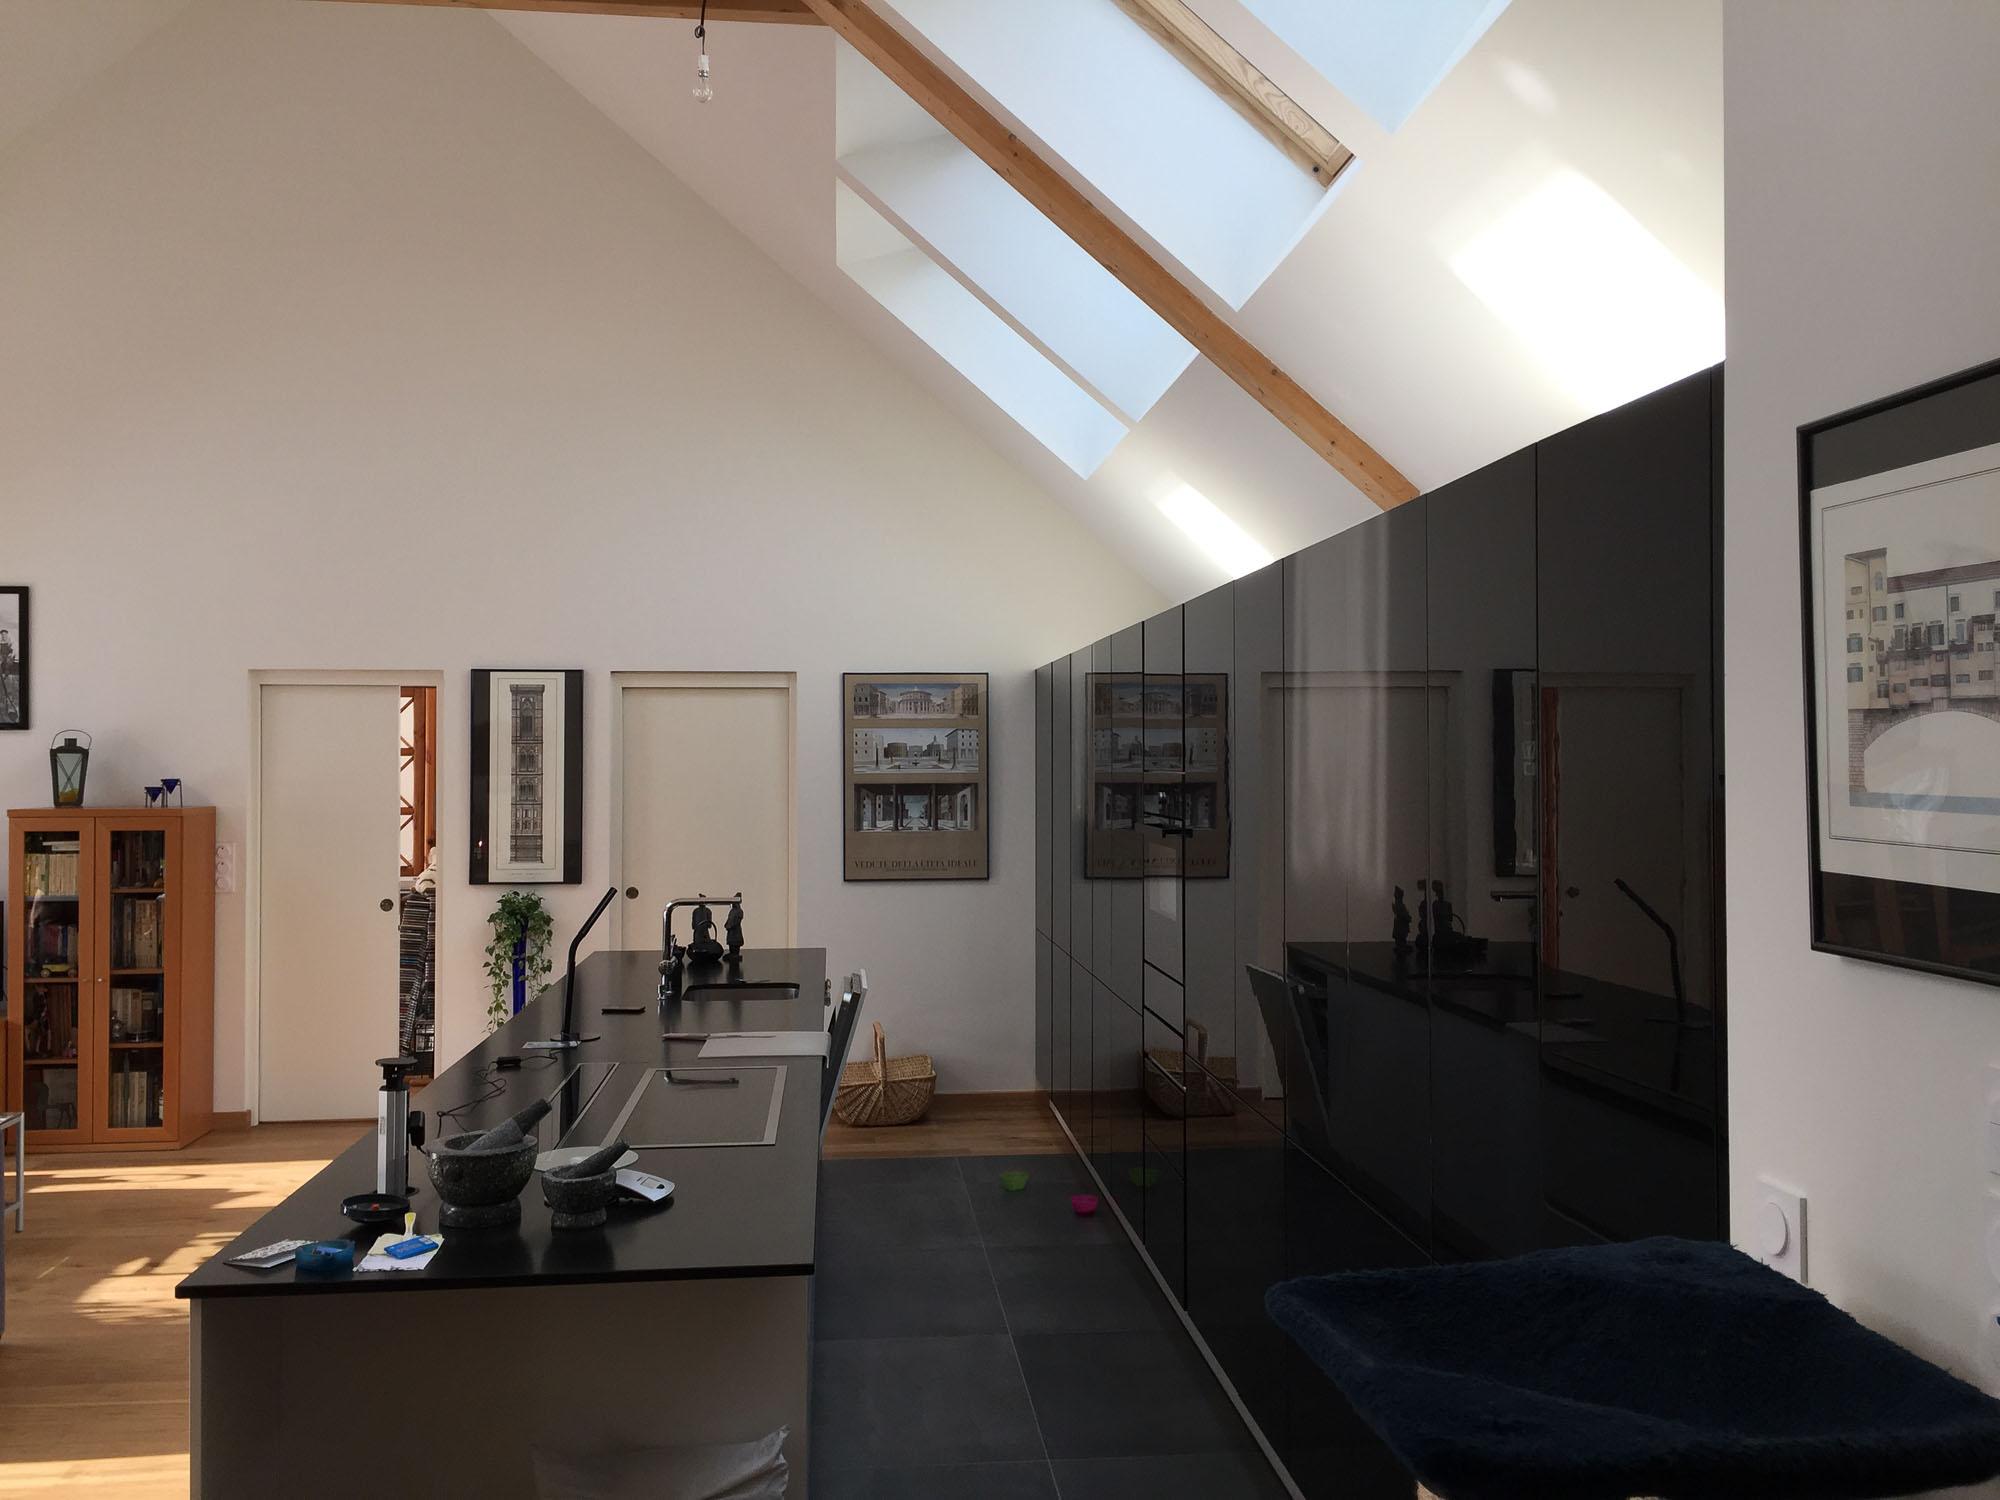 Maison-toiture-ardoise-3